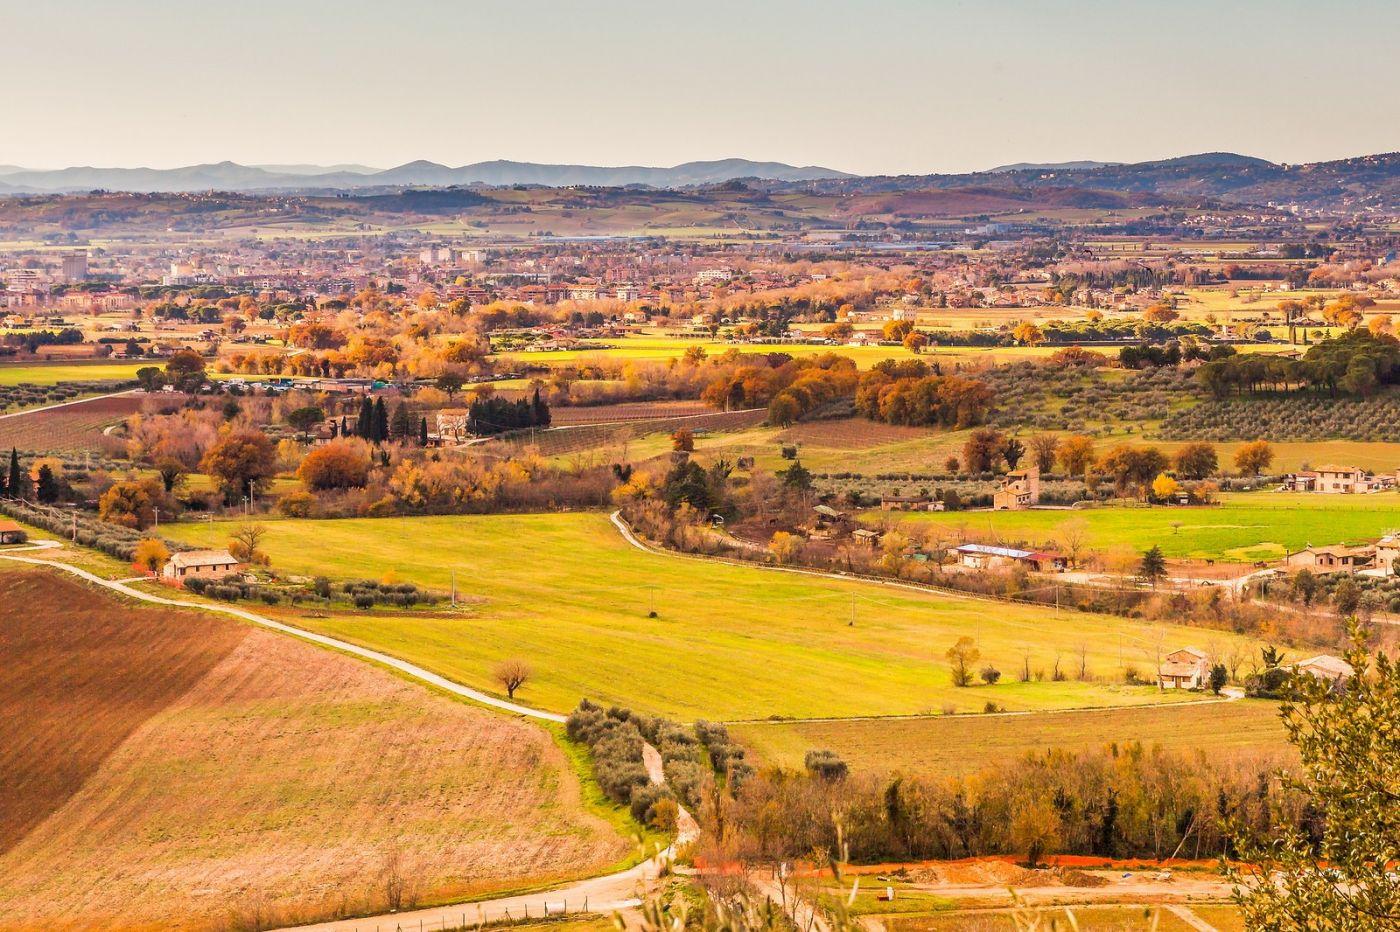 意大利阿西西(Assisi), 登高放眼_图1-29